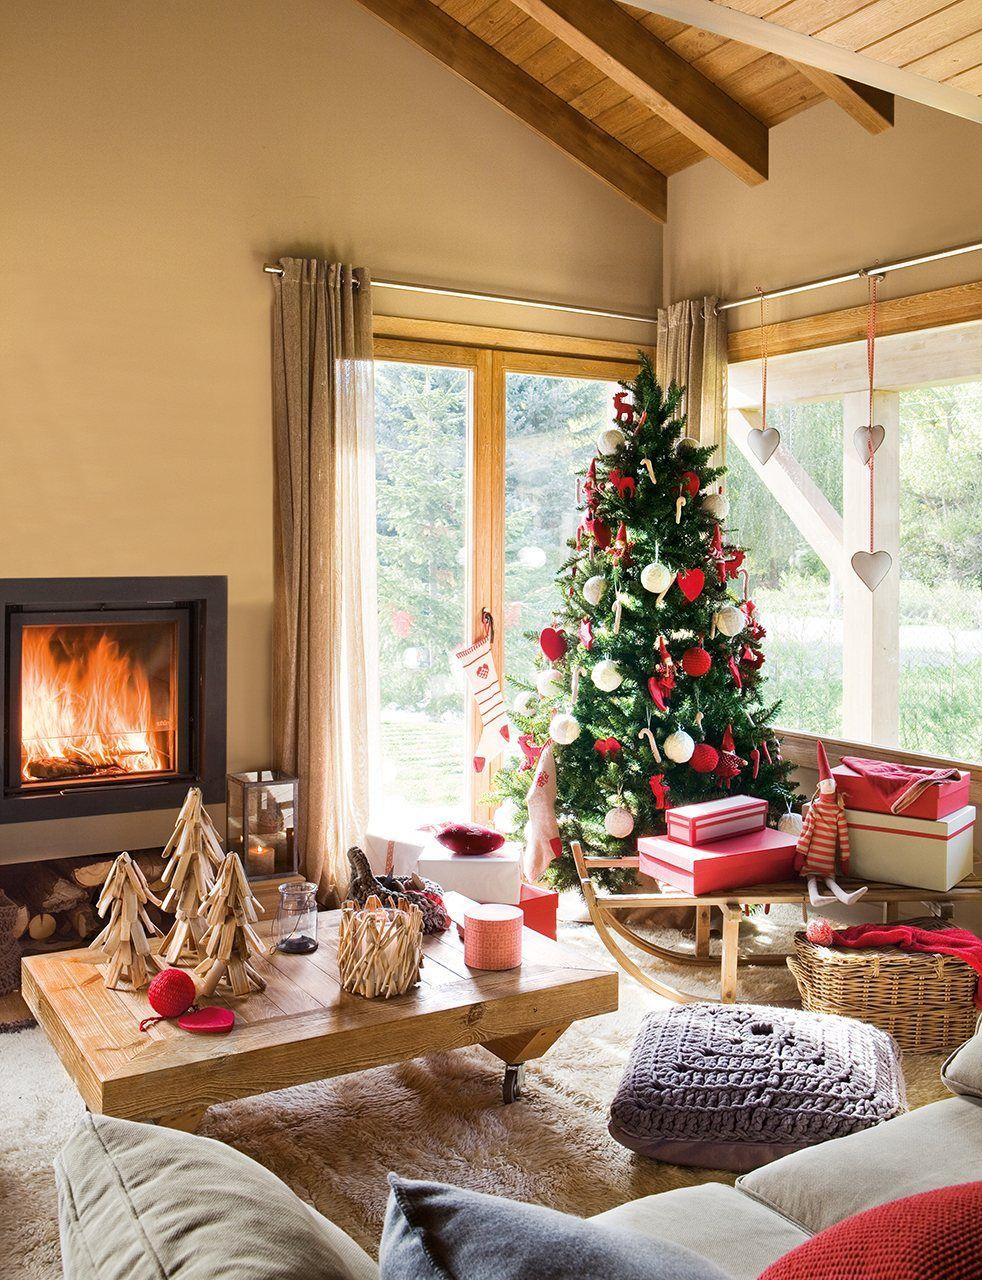 Noche de reyes en la monta a casas navidad y salones r sticos - Salones decorados para navidad ...